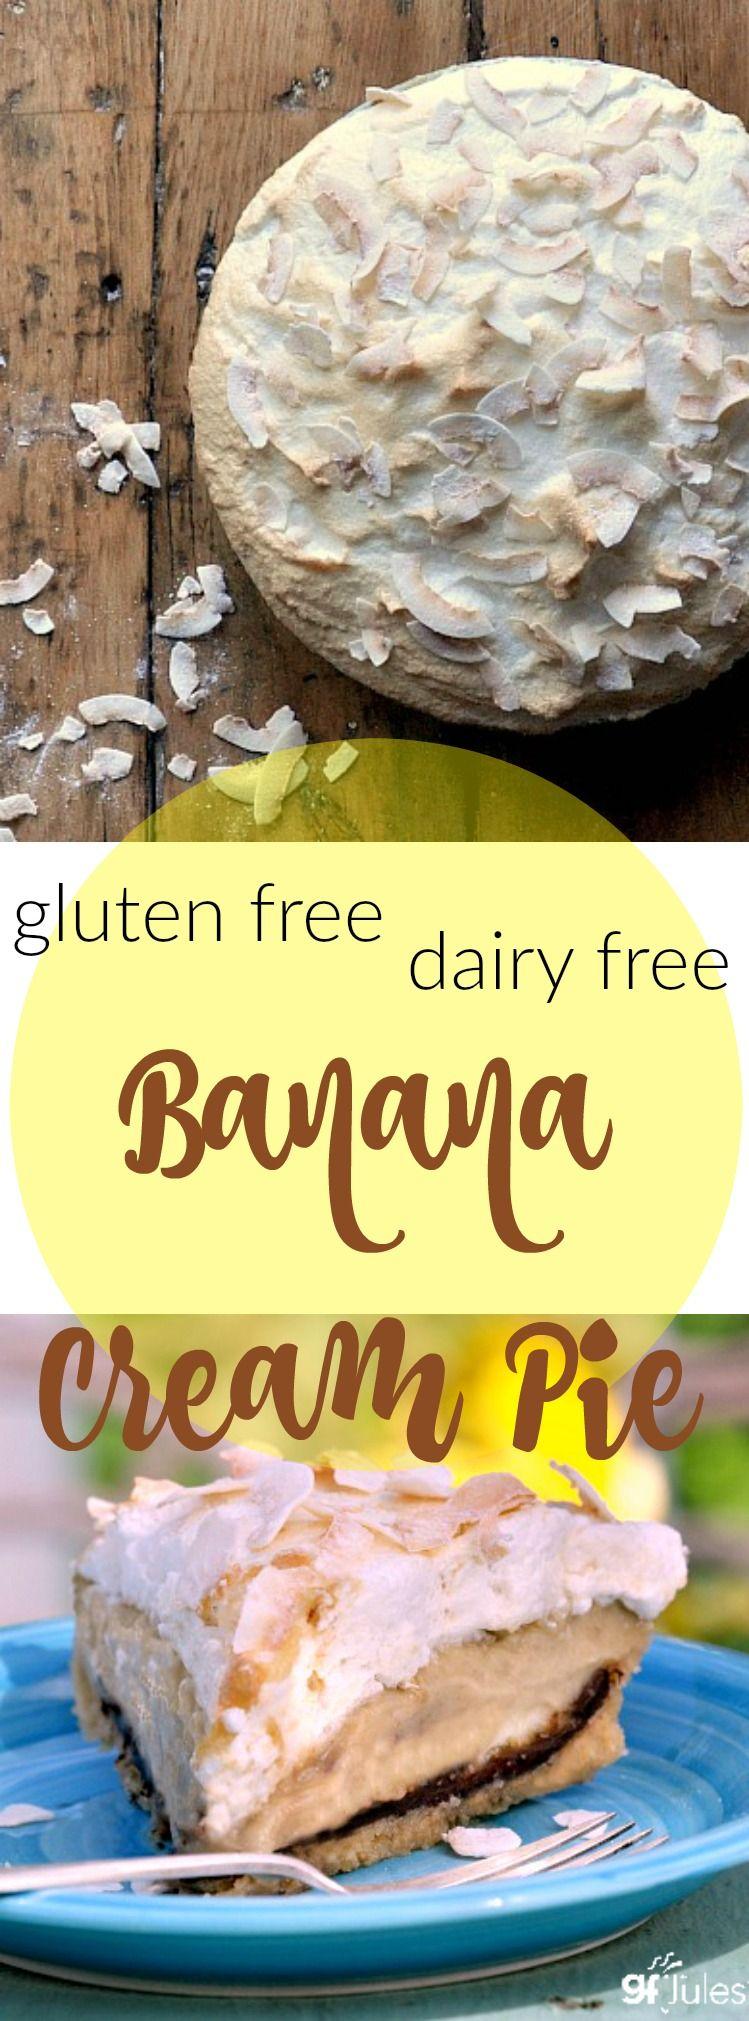 Gluten Free Dairy Free Banana Cream Pie | gfJules.com